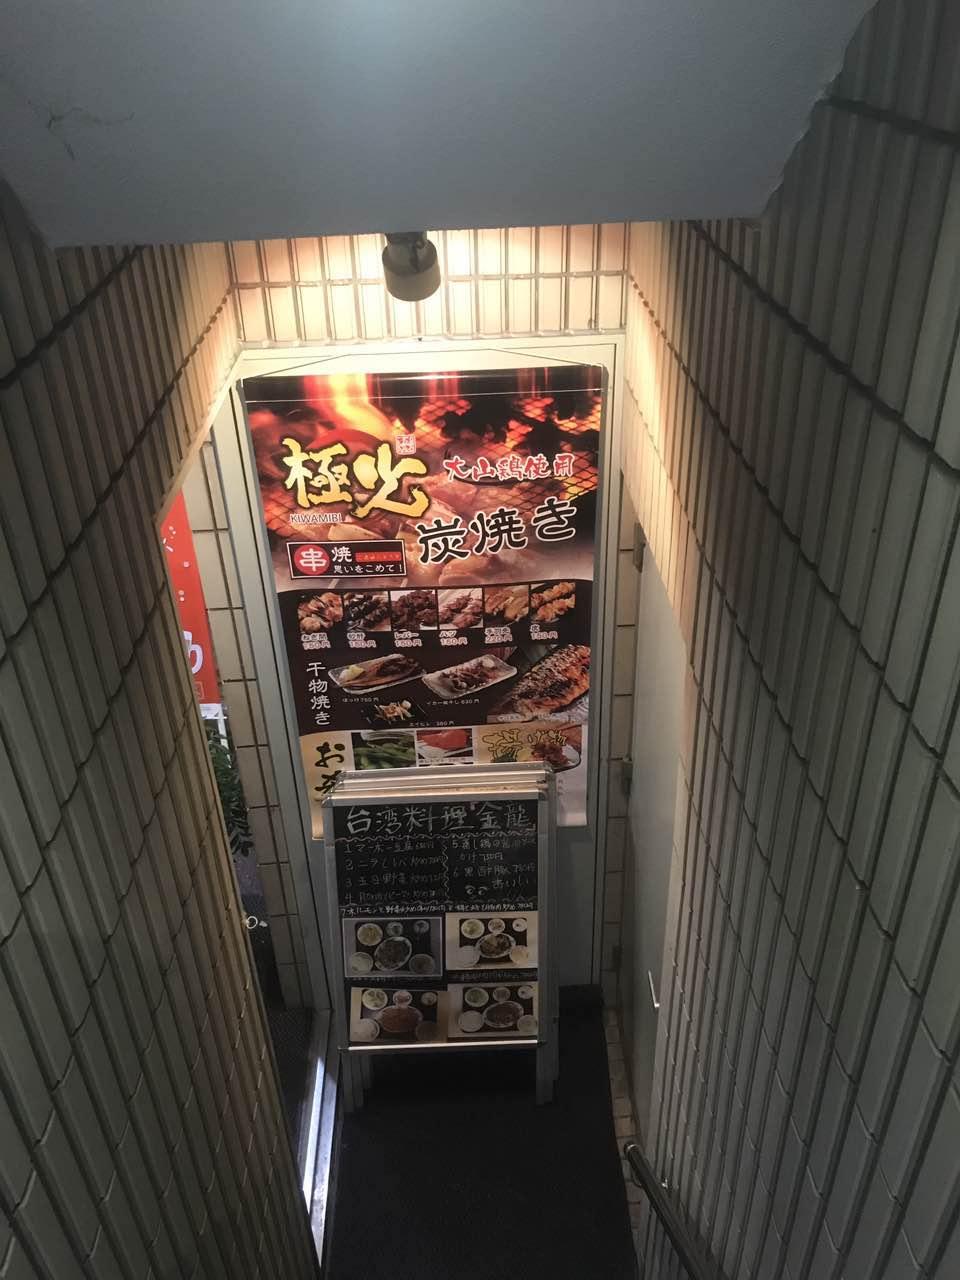 焼肉店の看板